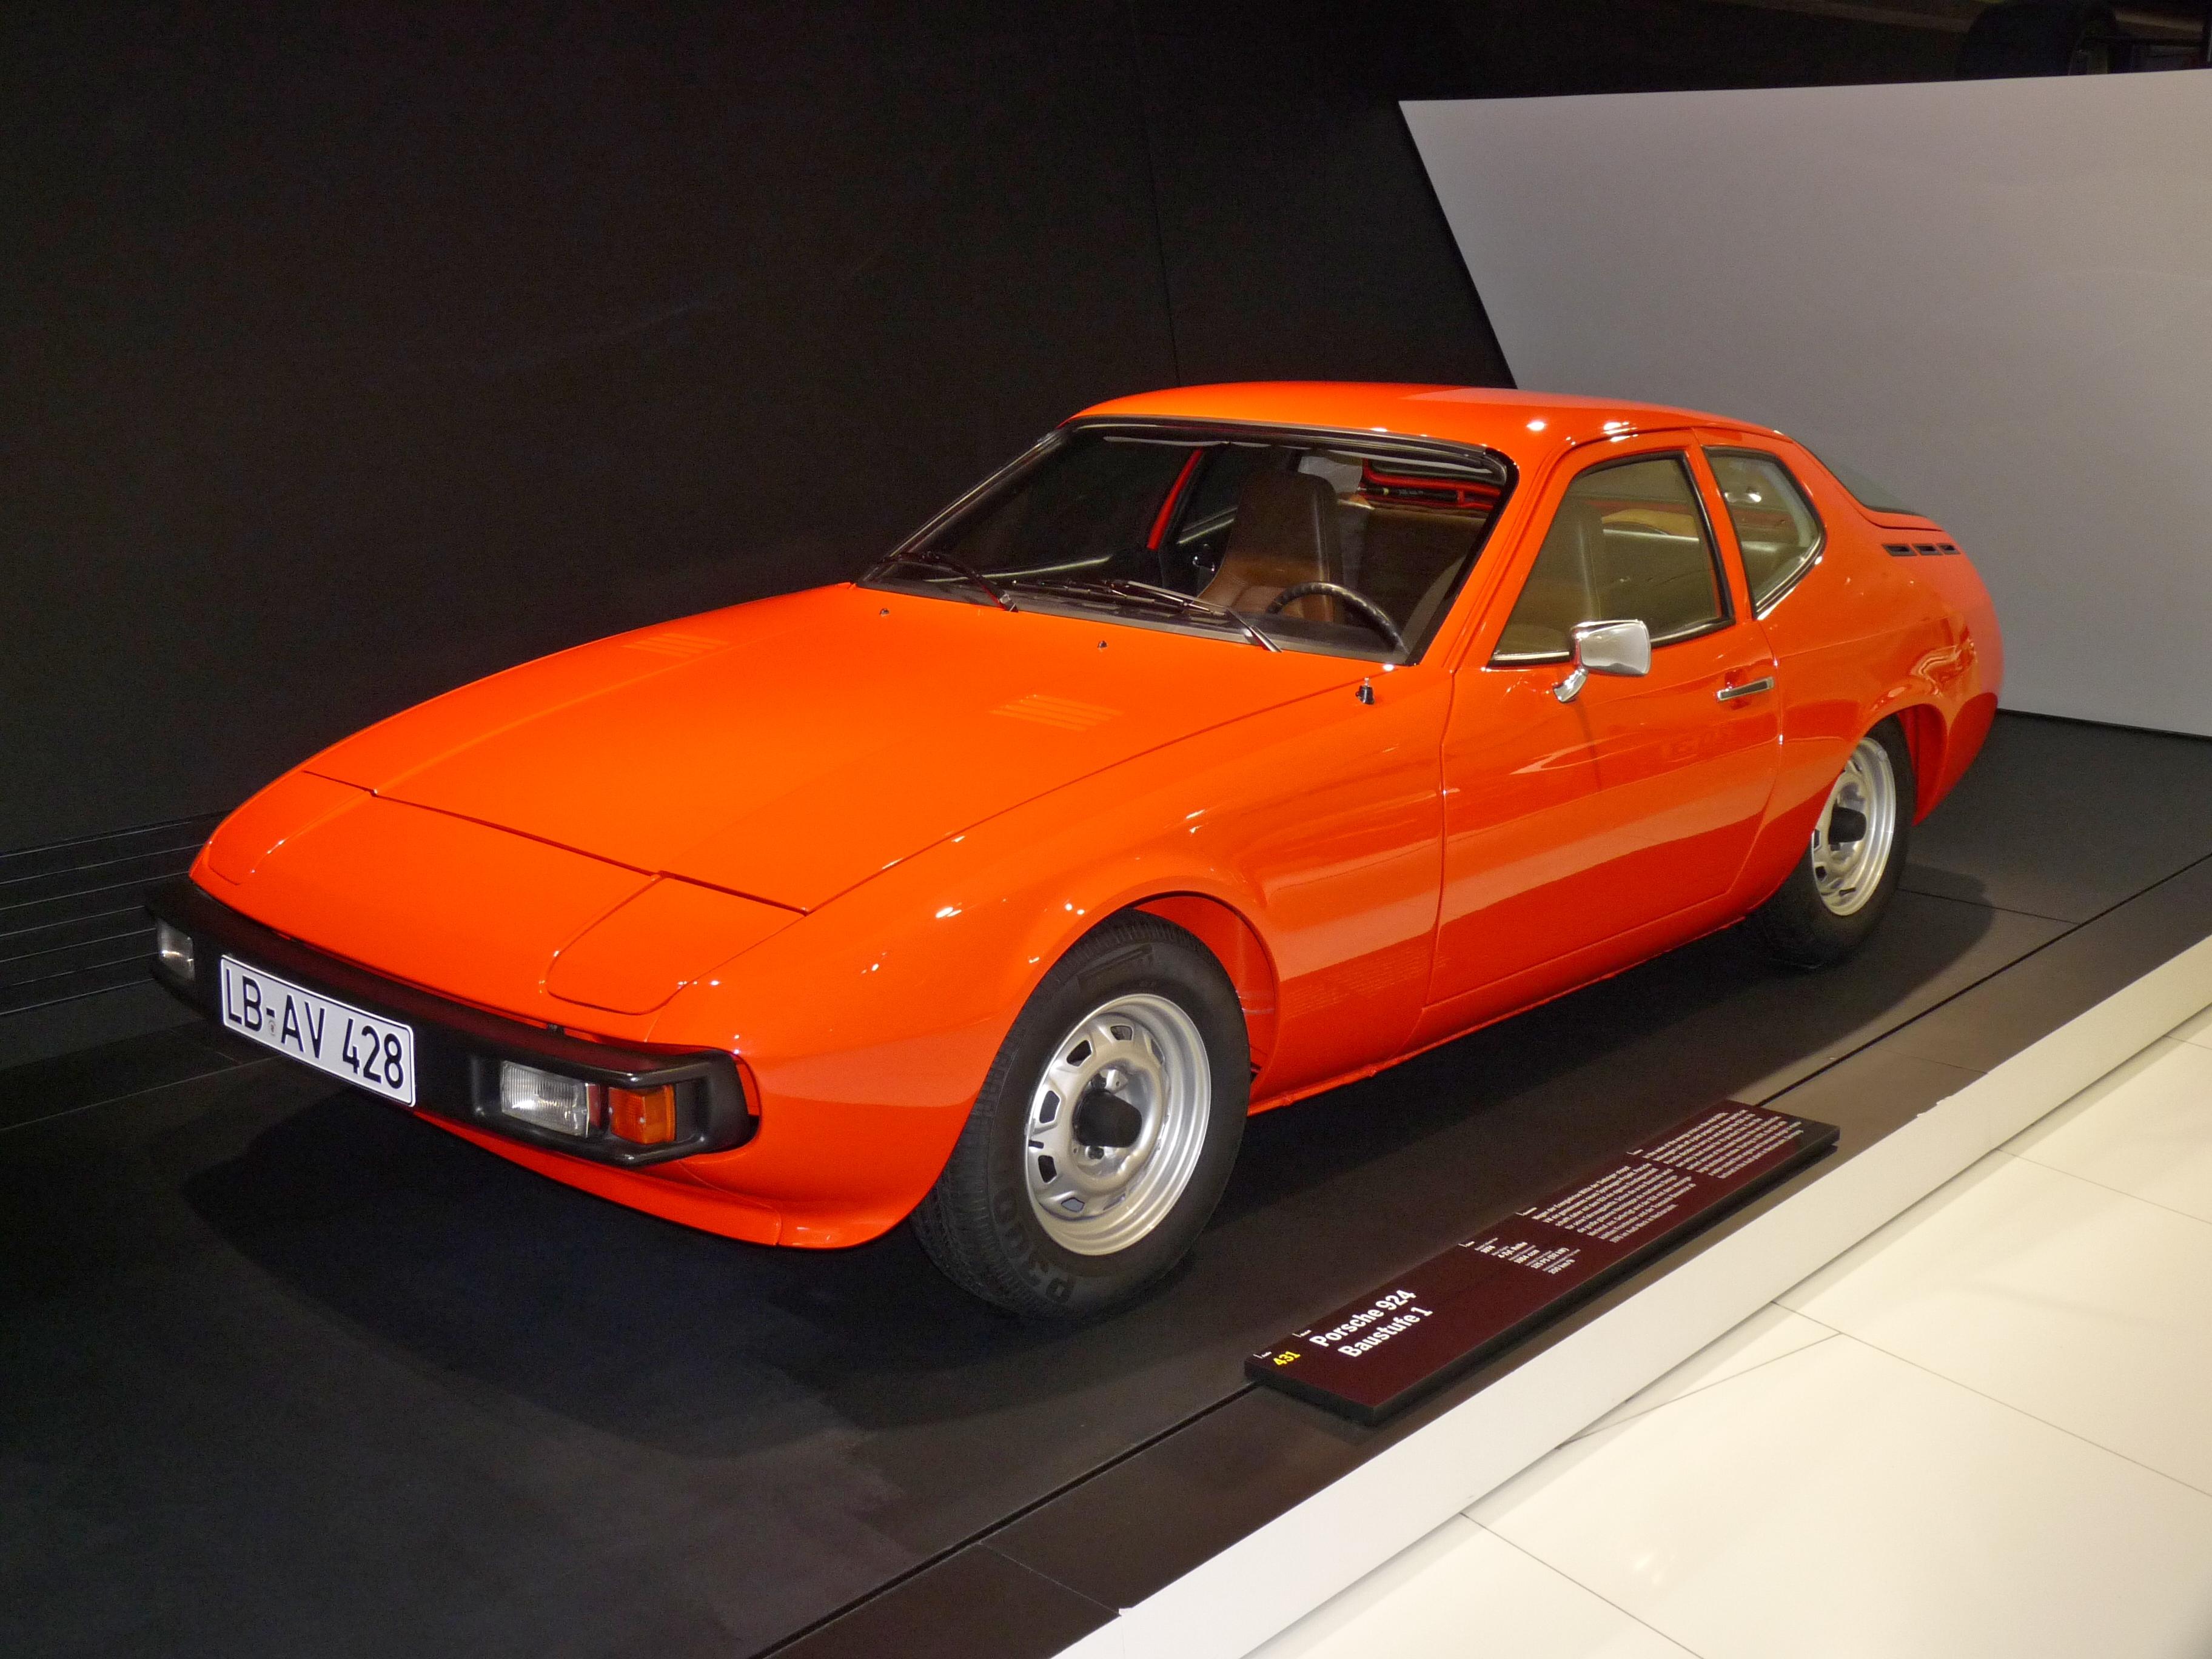 Porsche_924_Baustufe_1_Prototype_1974_frontleft_2010-03-12_A